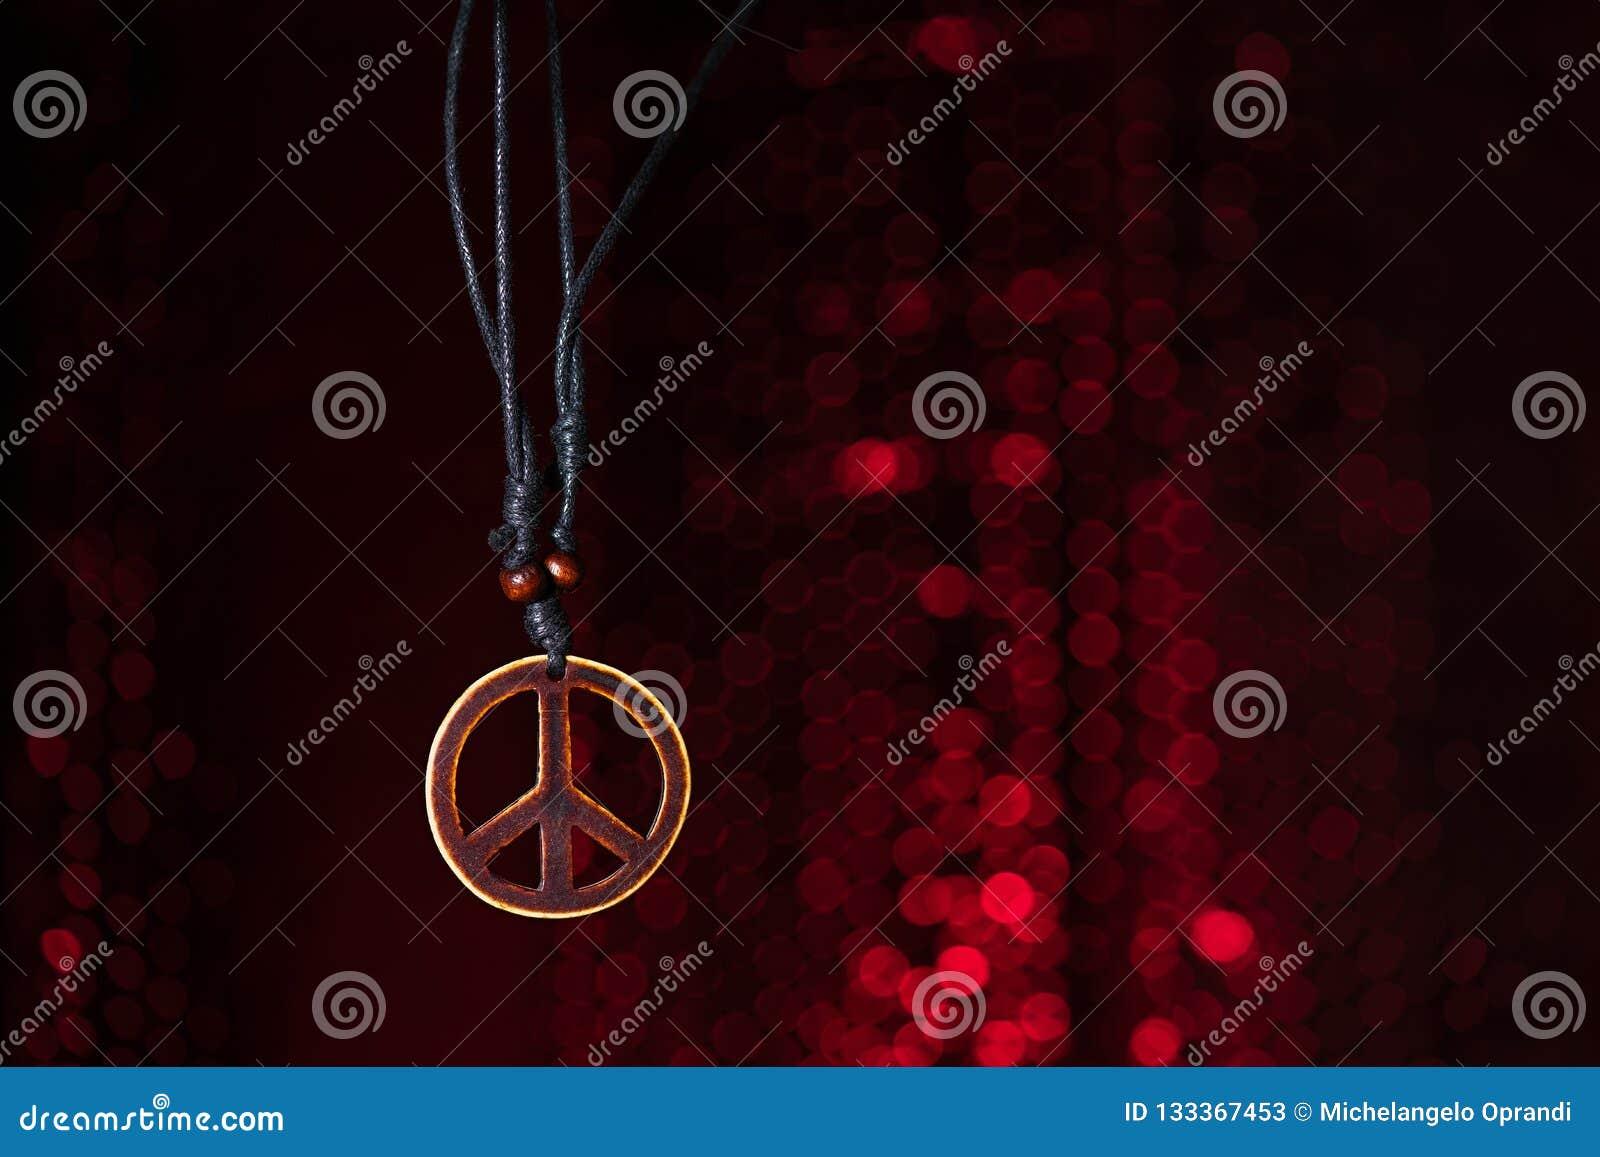 Símbolo de paz de madeira com fundo das luzes vermelhas